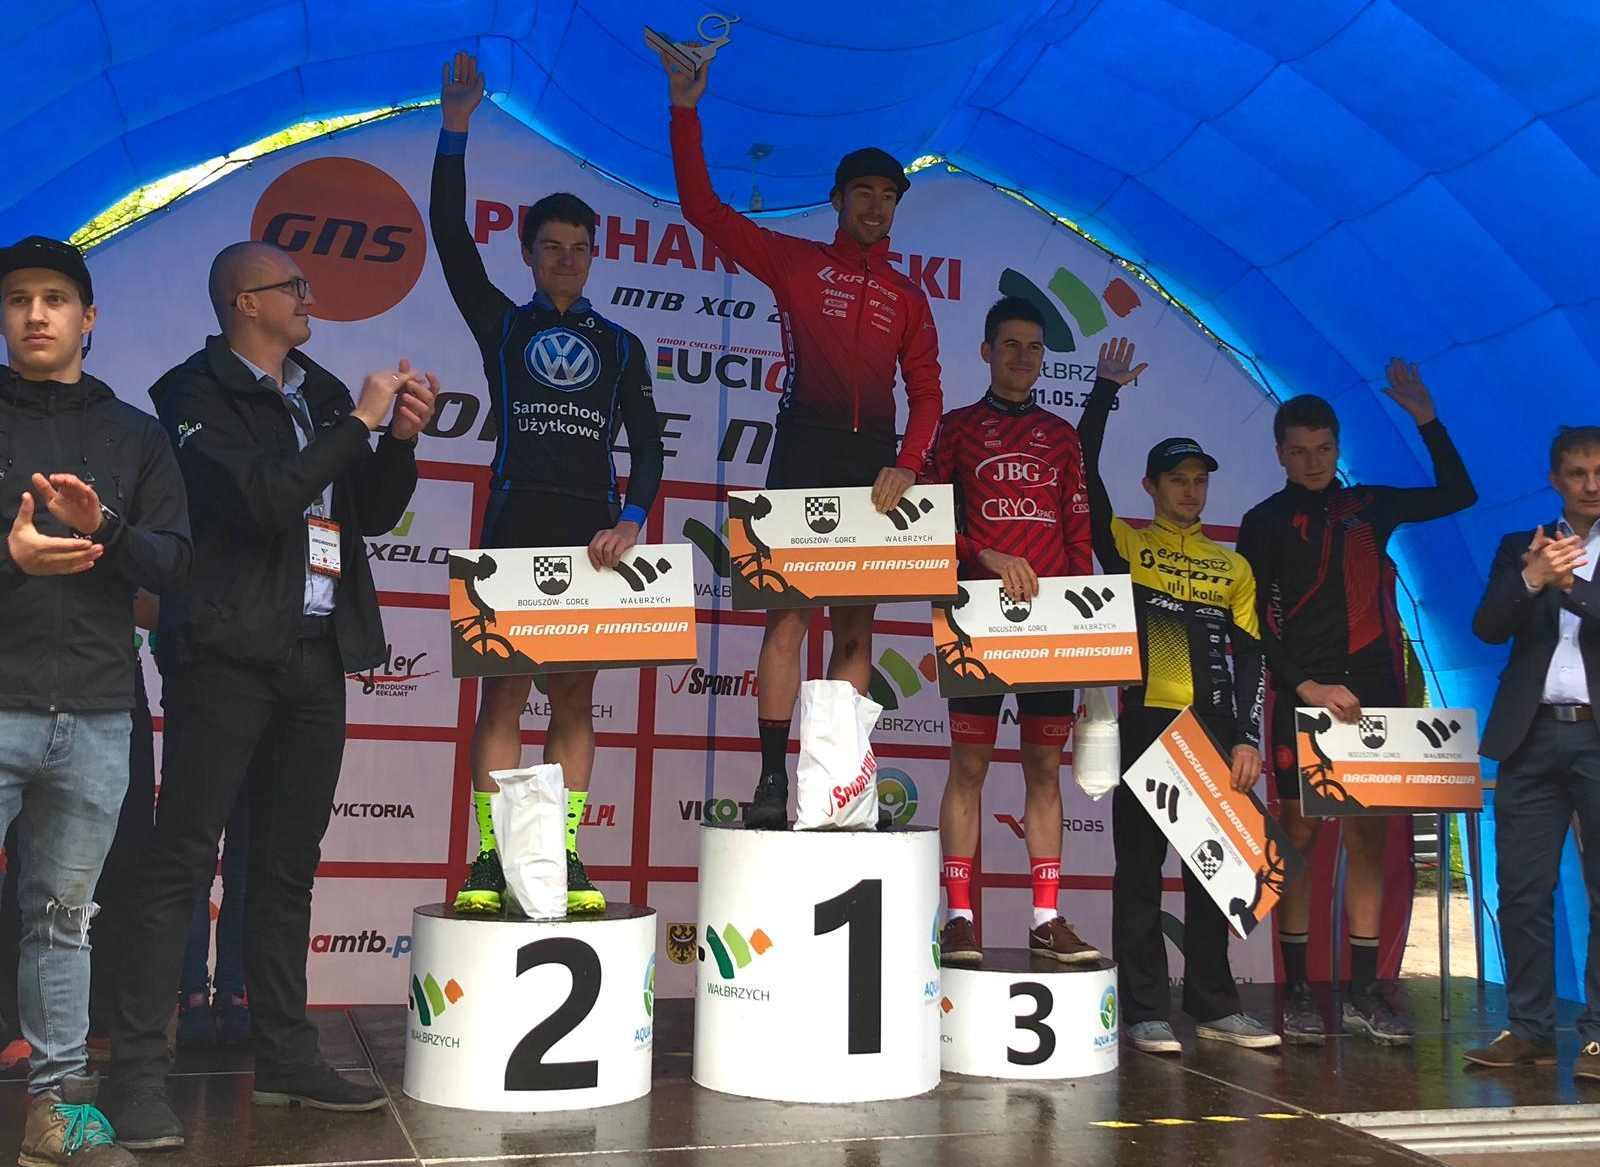 Kolejne zwycięstwo Sergio Mantecóna, Puchar Czech dla Ondreja Cinka i dobry występ Ariane Lüthi w Belgii